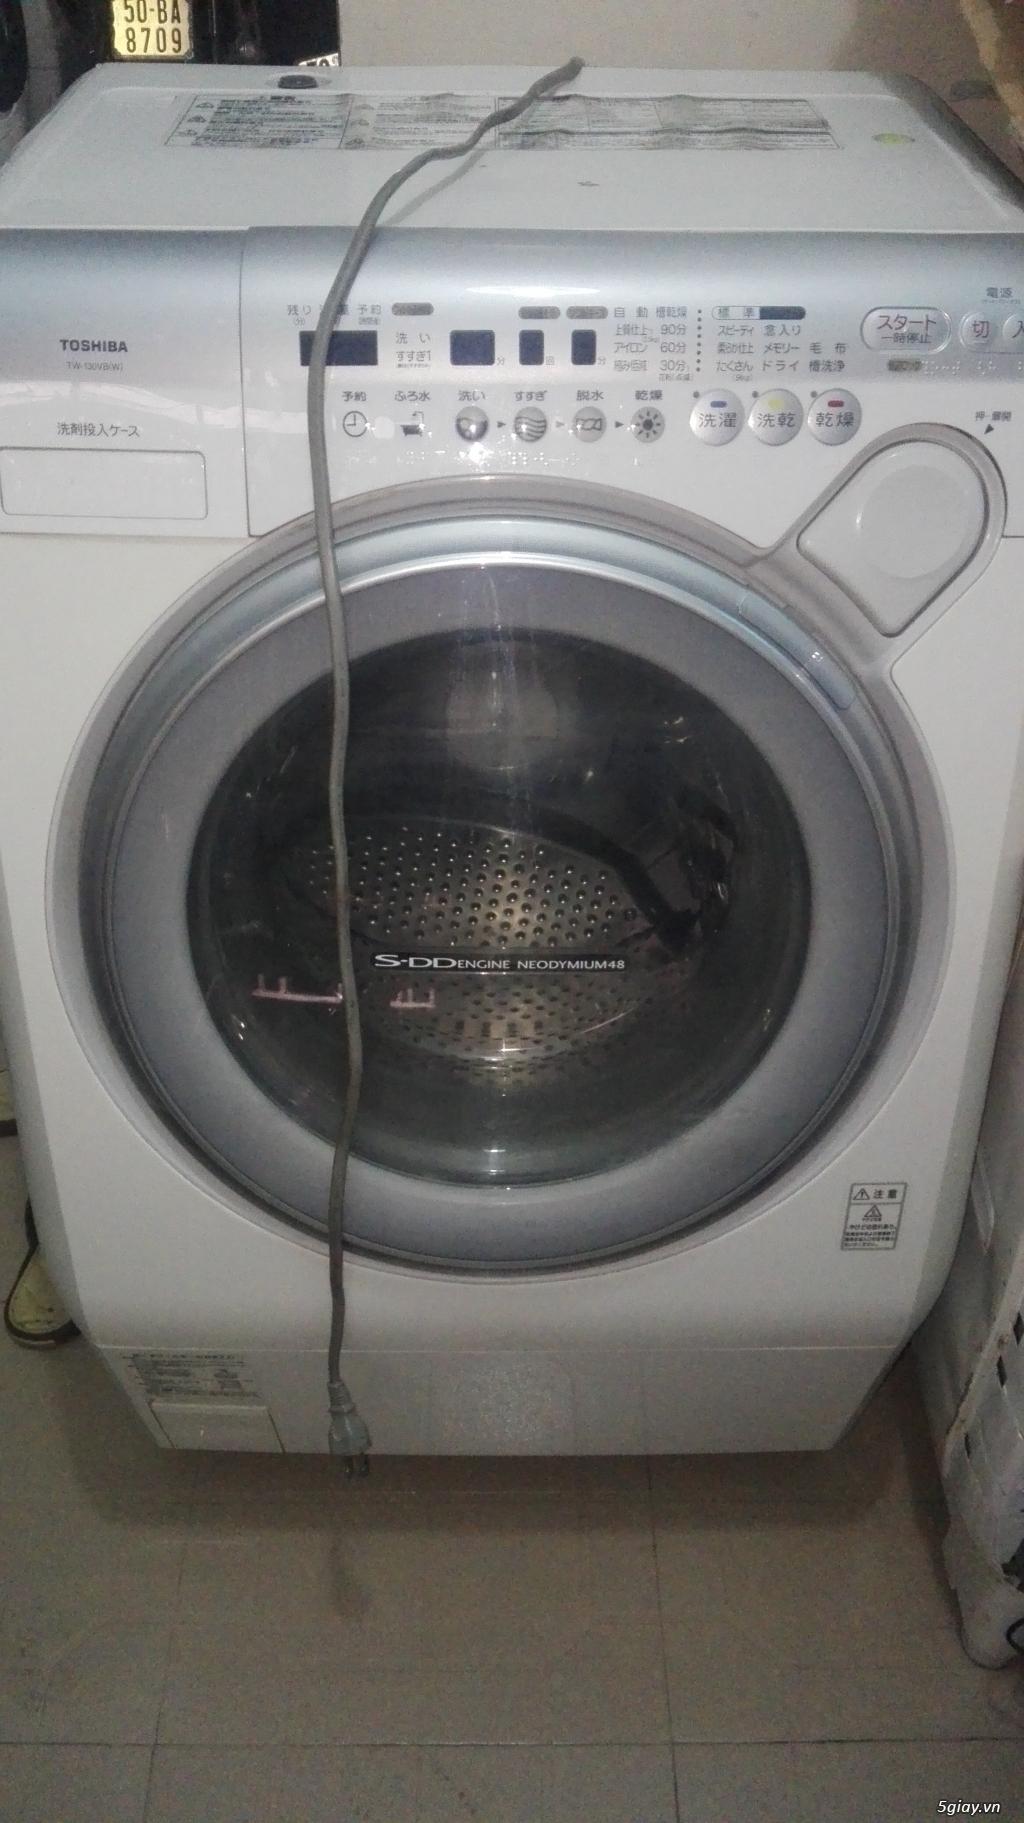 5 máy giặt nội địa